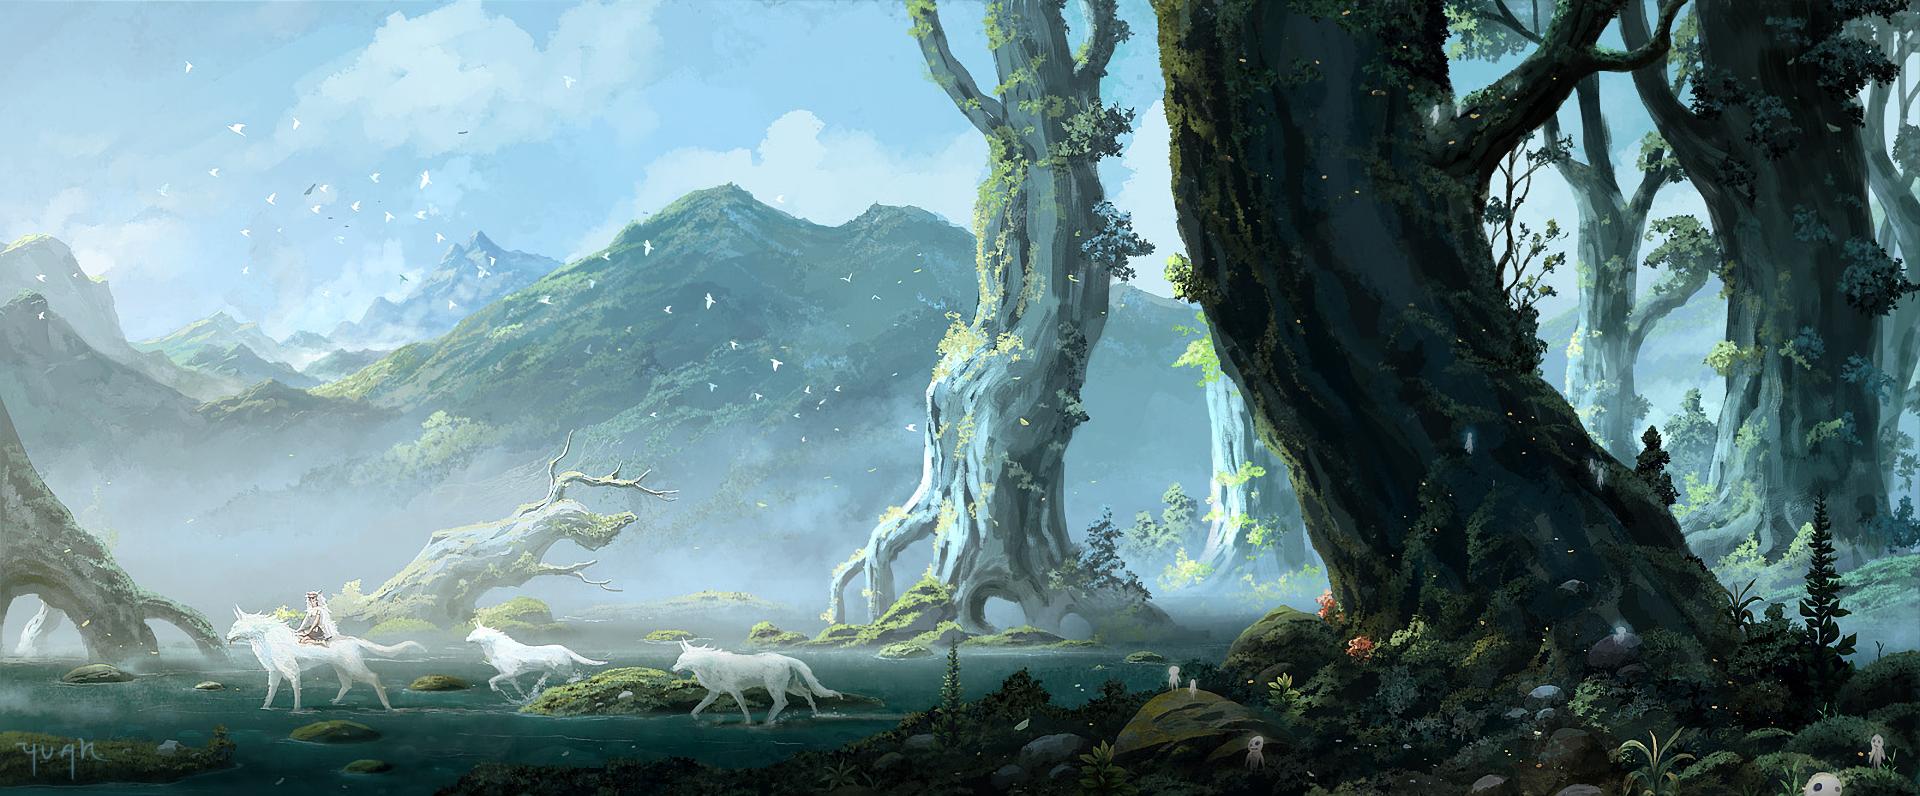 Digitalaurora Shop Redbubble In 2020 Princess Mononoke Wallpaper Princess Mononoke Studio Ghibli